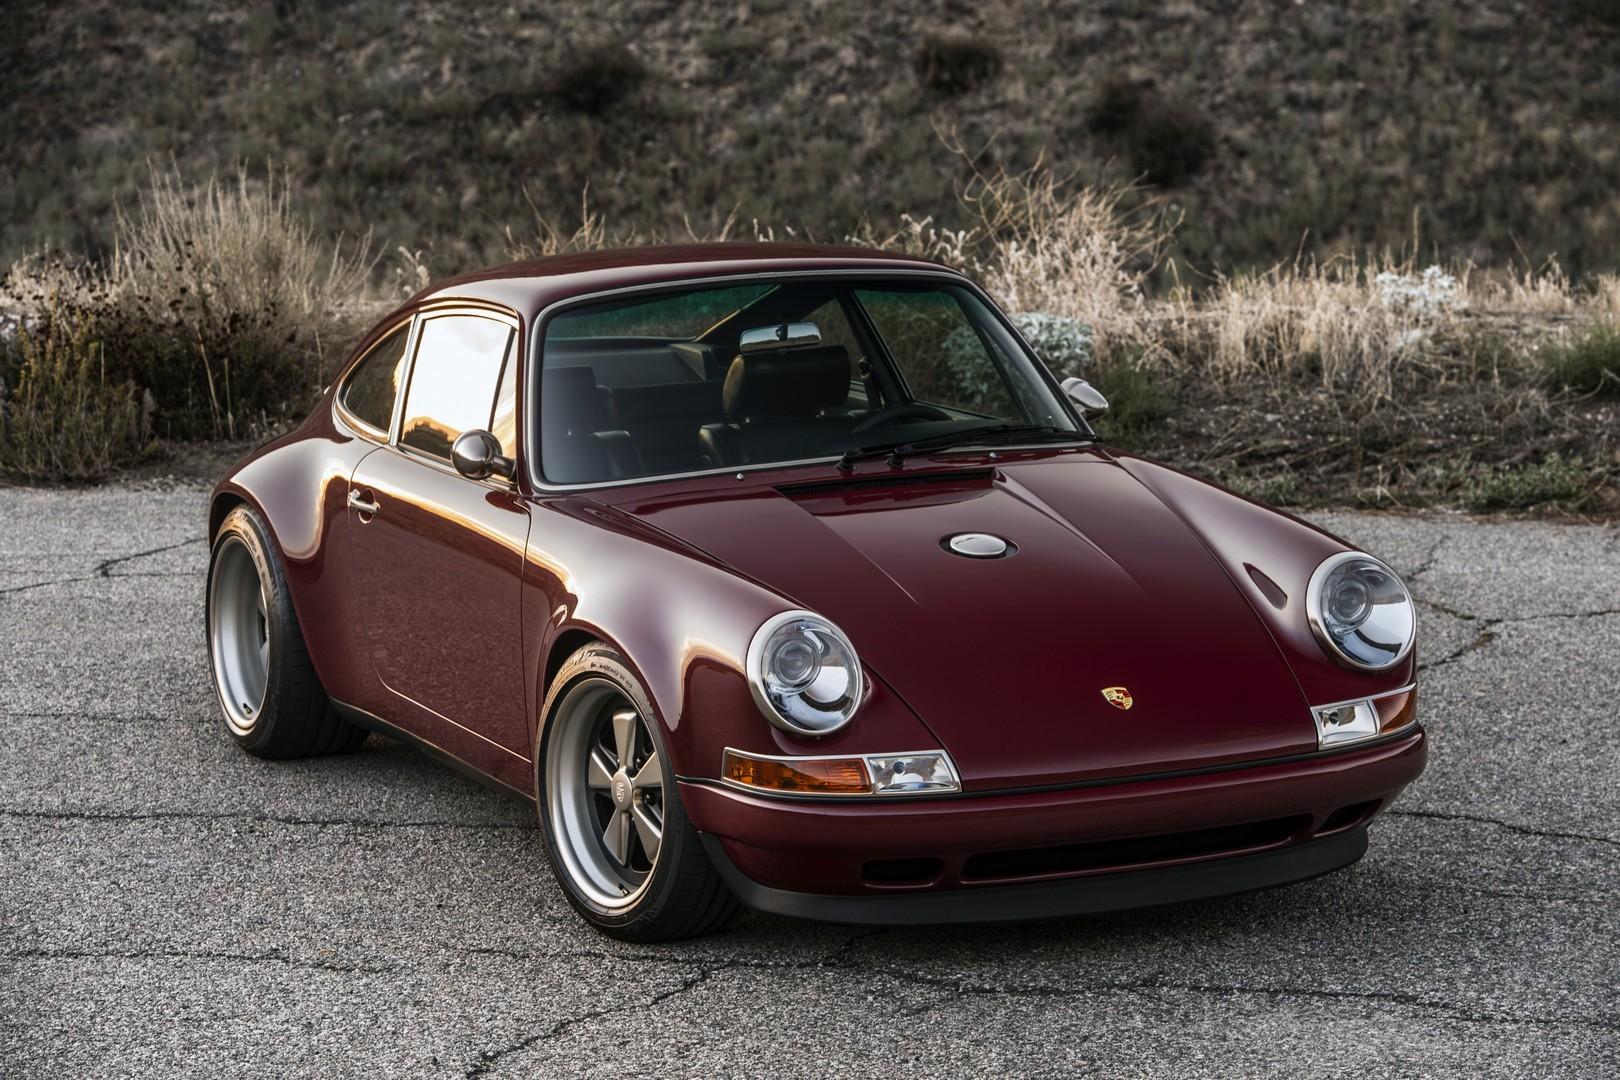 Singer Porsche 911 Duo Is Restomod Coolness - autoevolution